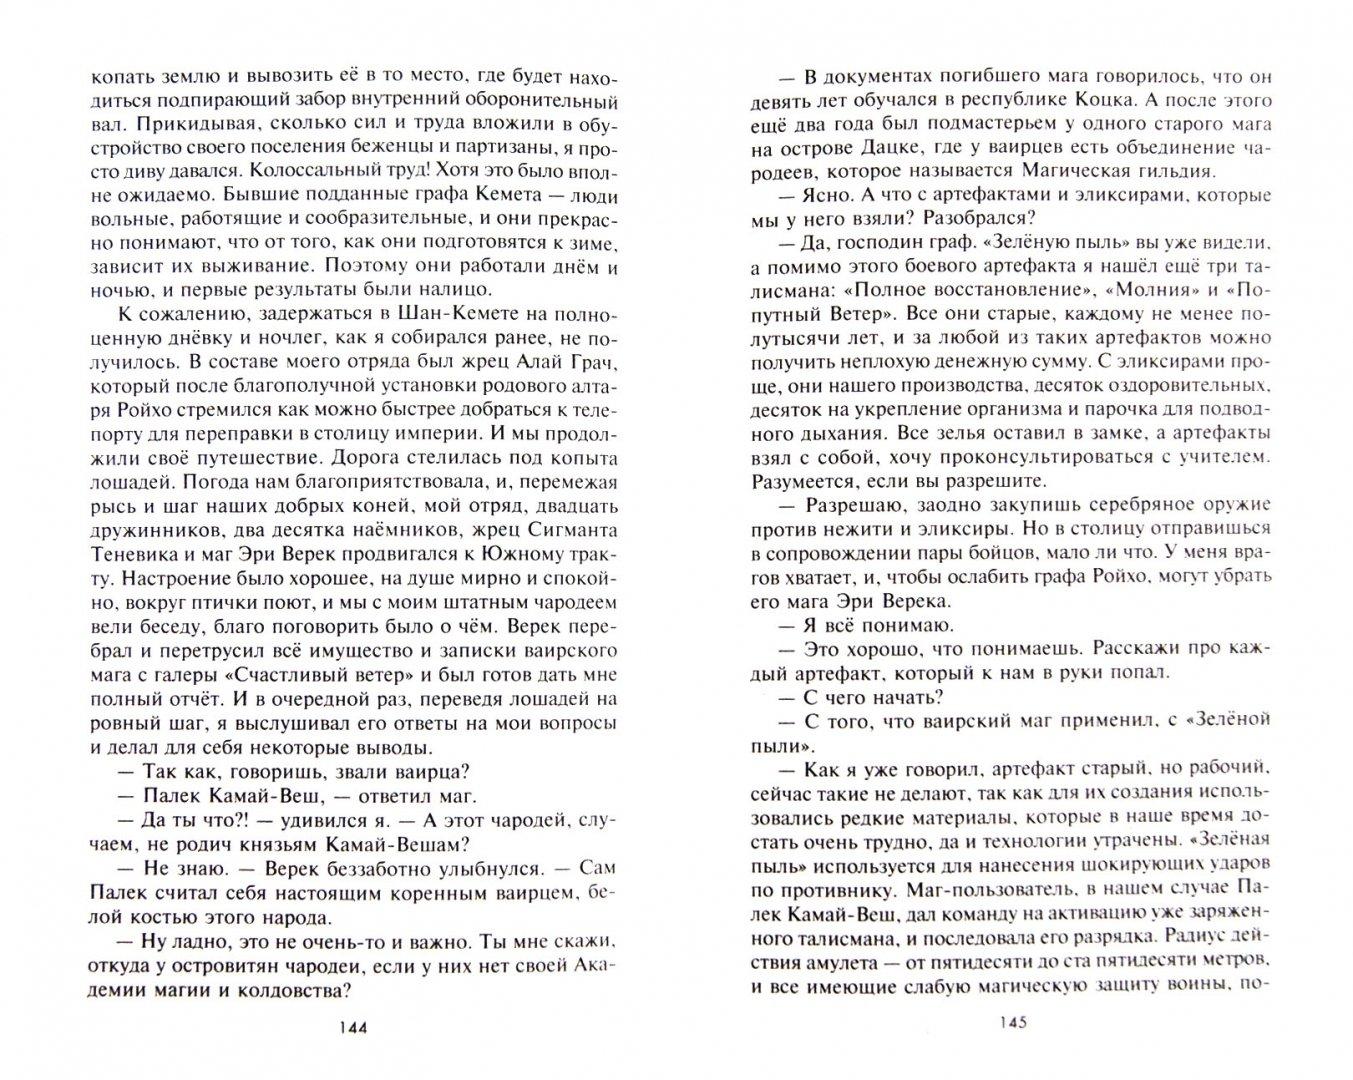 Иллюстрация 1 из 16 для Протектор Севера - Василий Сахаров | Лабиринт - книги. Источник: Лабиринт